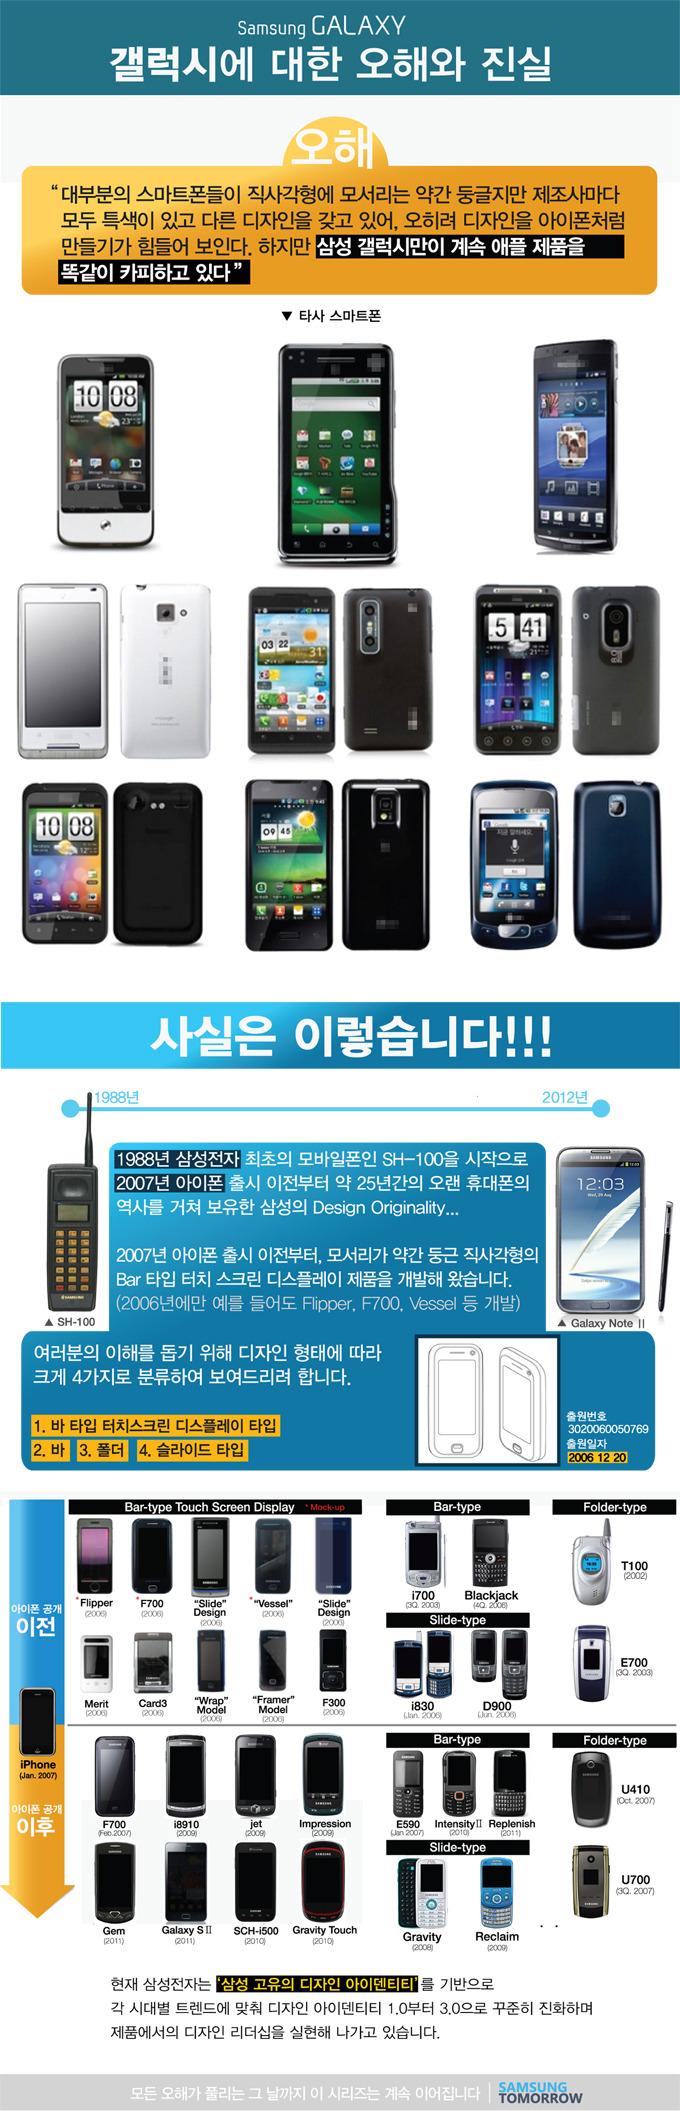 """갤럭시에 대한 오해와 진실, 오해 """"대부분의 스마트폰들이 직사각형에 모서리는 약간 둥글지만 제조사마다 모두 특색이 있고 다른 디자인을 갖고 있어, 오히려 디자인을 아이폰처럼 만들기가 힘들어 보인다. 하지만 삼성 갤럭시만이 계속 애플 제품을 똑같이 카피하고 있다"""" 사실은 이렇습니다!!! 1988년 삼성전자 최초의 모바일폰인 SH-100을 시작으로 2007년 아이폰 출시 이전부터 약 25년간의 오랜 휴대폰의 여사를 거쳐 보유한 삼성의 Design Originality... 2007년 아이폰 출시 이전부터, 모서리가 약간 둥근 직사각형의 Bar타입 터치 스크린 디스플레이 제품을 개발해 왔습니다.(2006년에만 예를 들어도 Flipper, F700, Vessel 등 개발) 여러분의 이해를 돕기 위해 디자인 형태에 따라 크게 4가지로 분류하여 보여드리려 합니다. 1. 바 타입 터치스크린 디스플레이 타입 2. 바 3. 폴더 4 슬라이드 타입 현재 삼성전자는 '삼성 고유의 다지인 아이덴티티'를 기반으로 각 시대별 트렌드에 맞춰 디자인 아이덴티티 1.0부터 3.0으로 꾸준히 진화하며 제품에서의 디자인 리더십을 실현해 나가고 있습니다. 모든 오해가 풀리는 그 날까지 이 시리즈는 계속 이어집니다."""